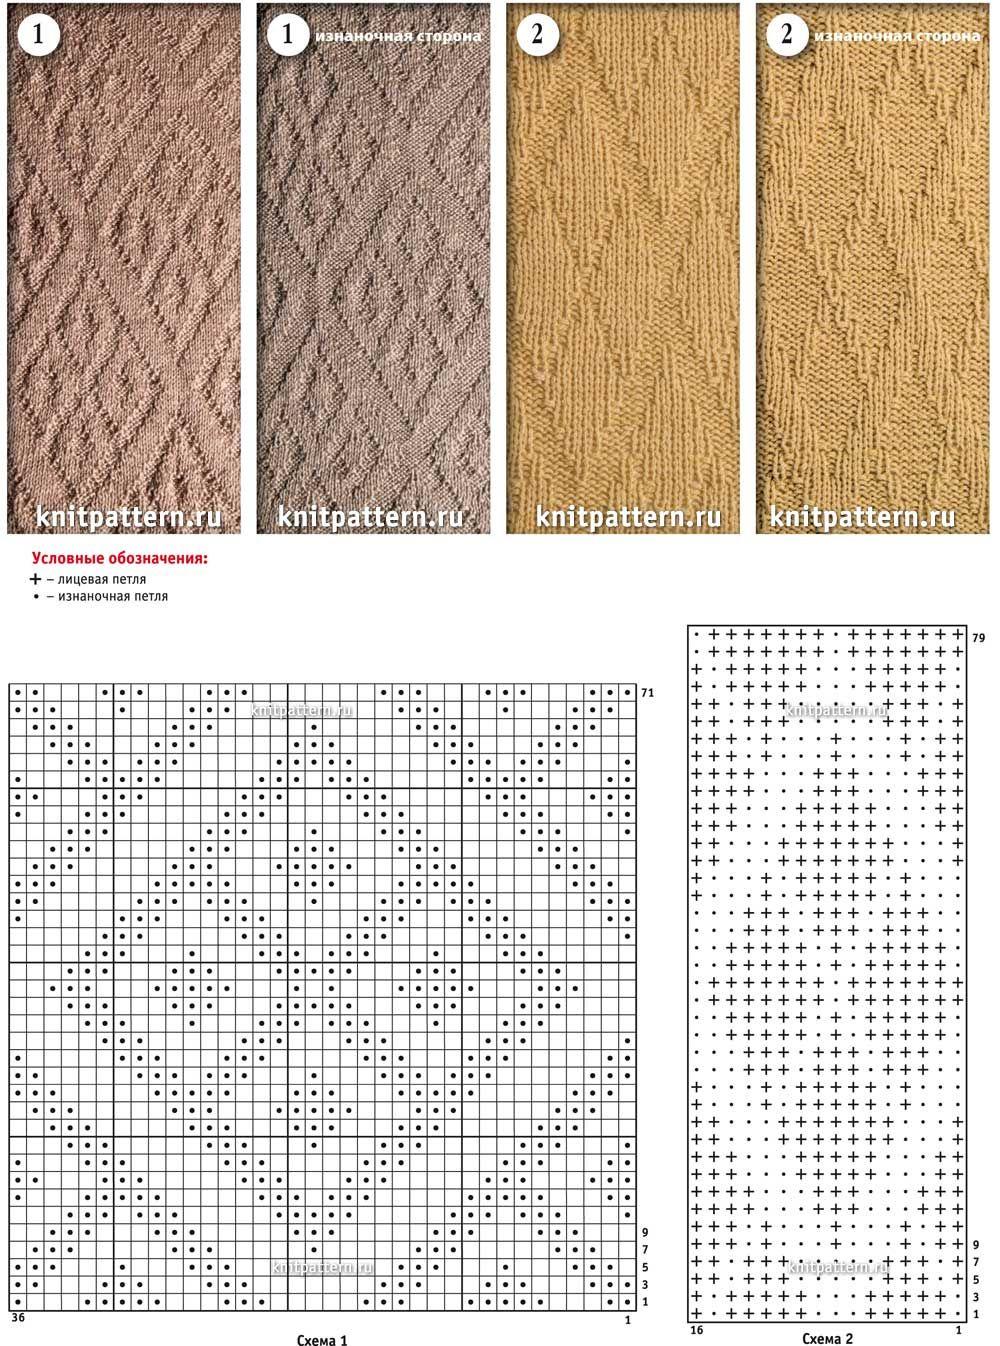 ногтях рисуются образцы вязания на спицах в картинках с описанием дверей пола позволяет